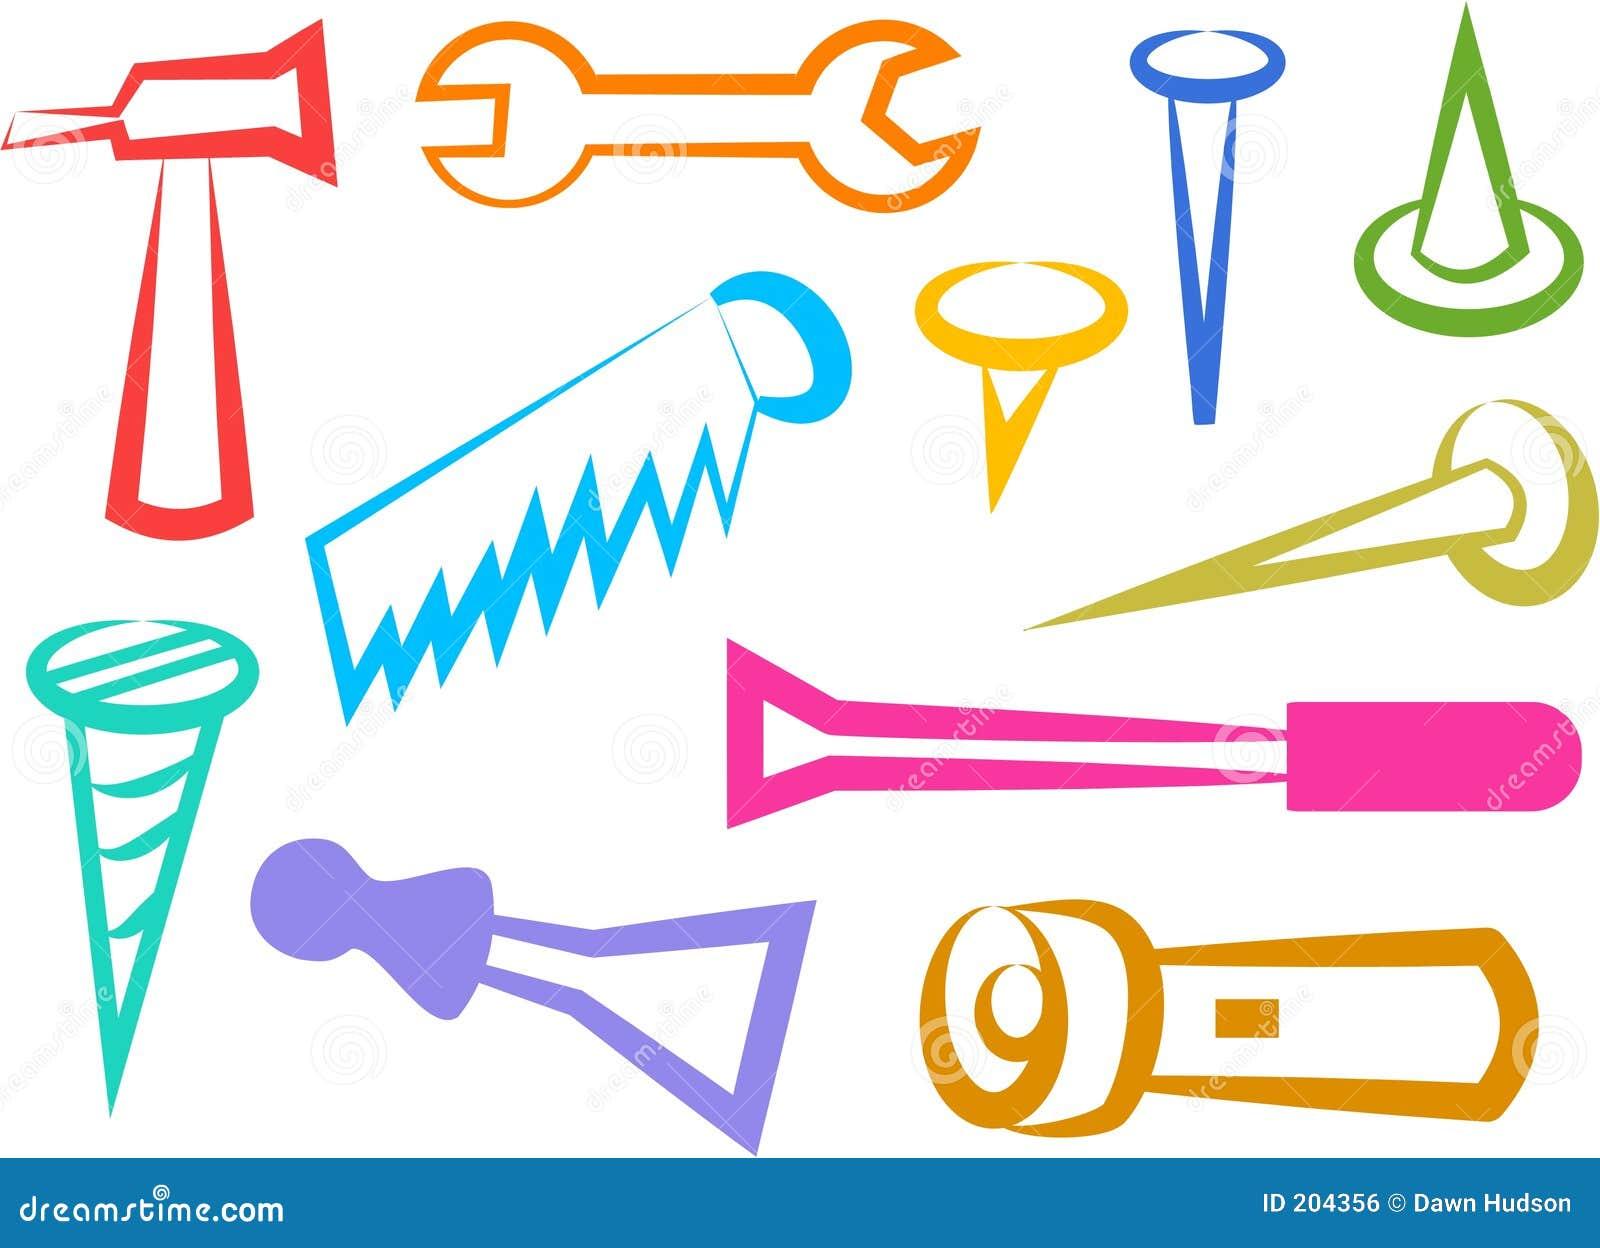 Icone dello strumento